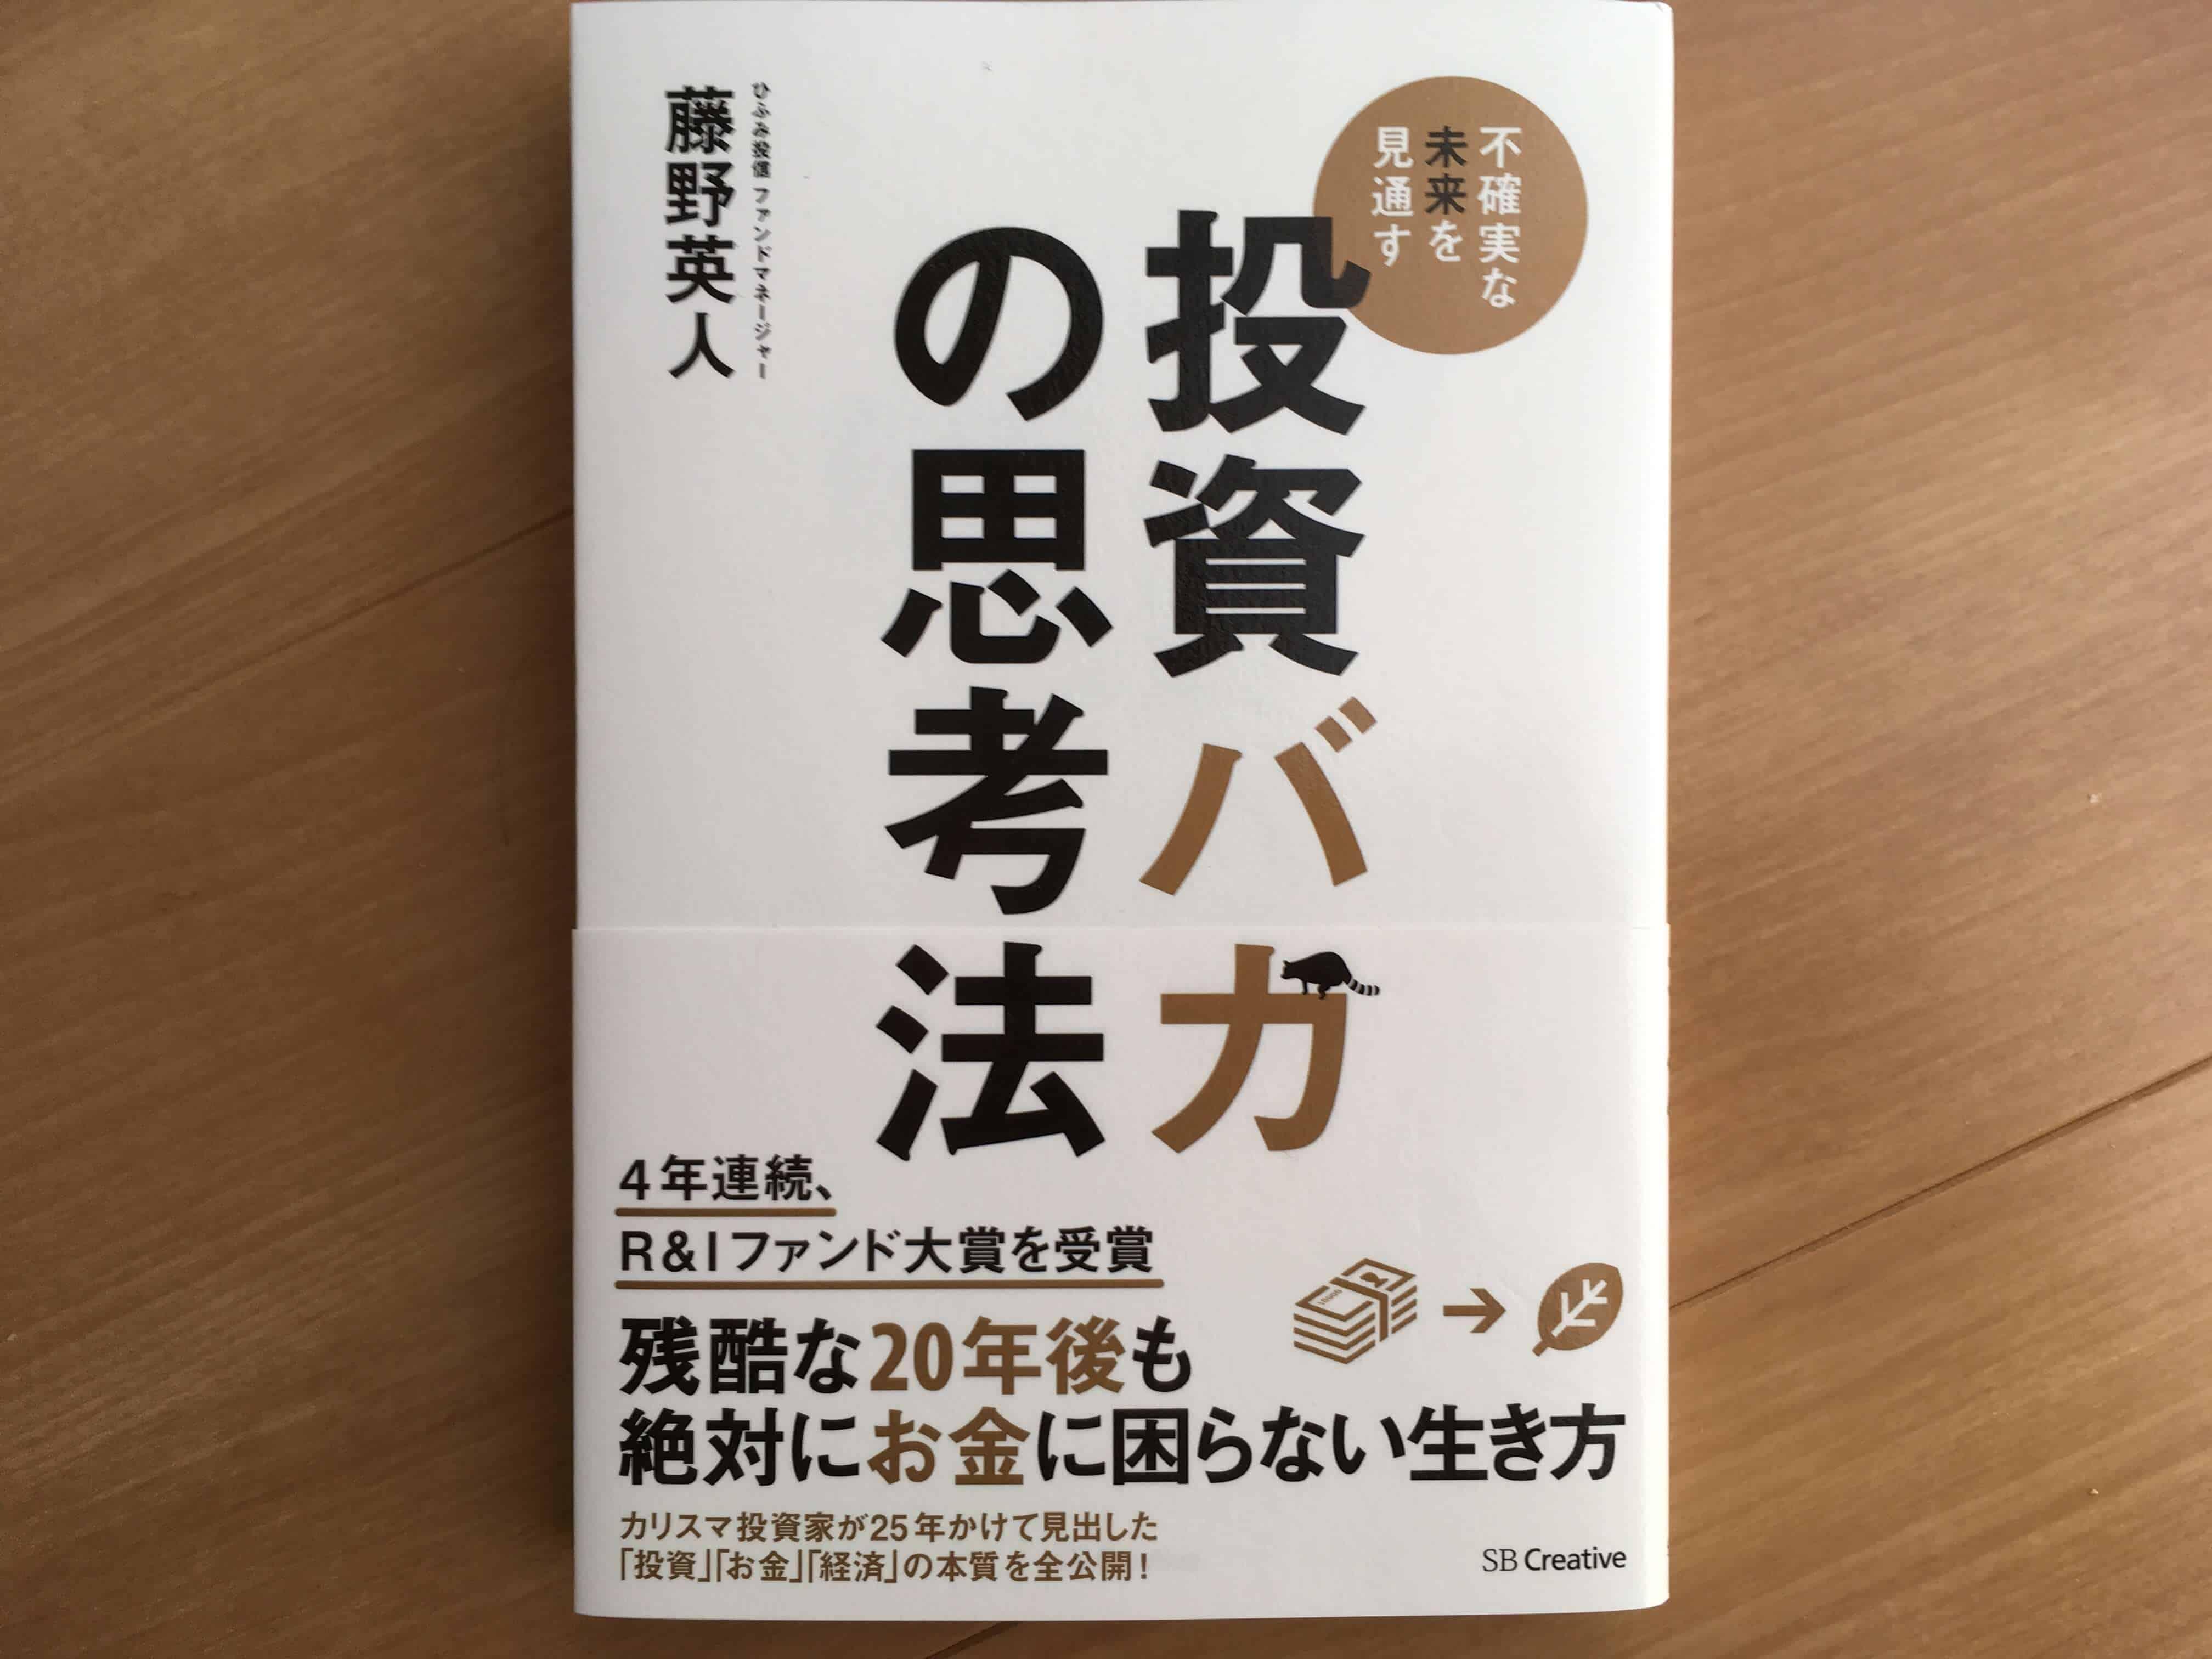 ひふみプラス・投信の藤野英人氏の著書「投資バカの思考法」を読んで・書評